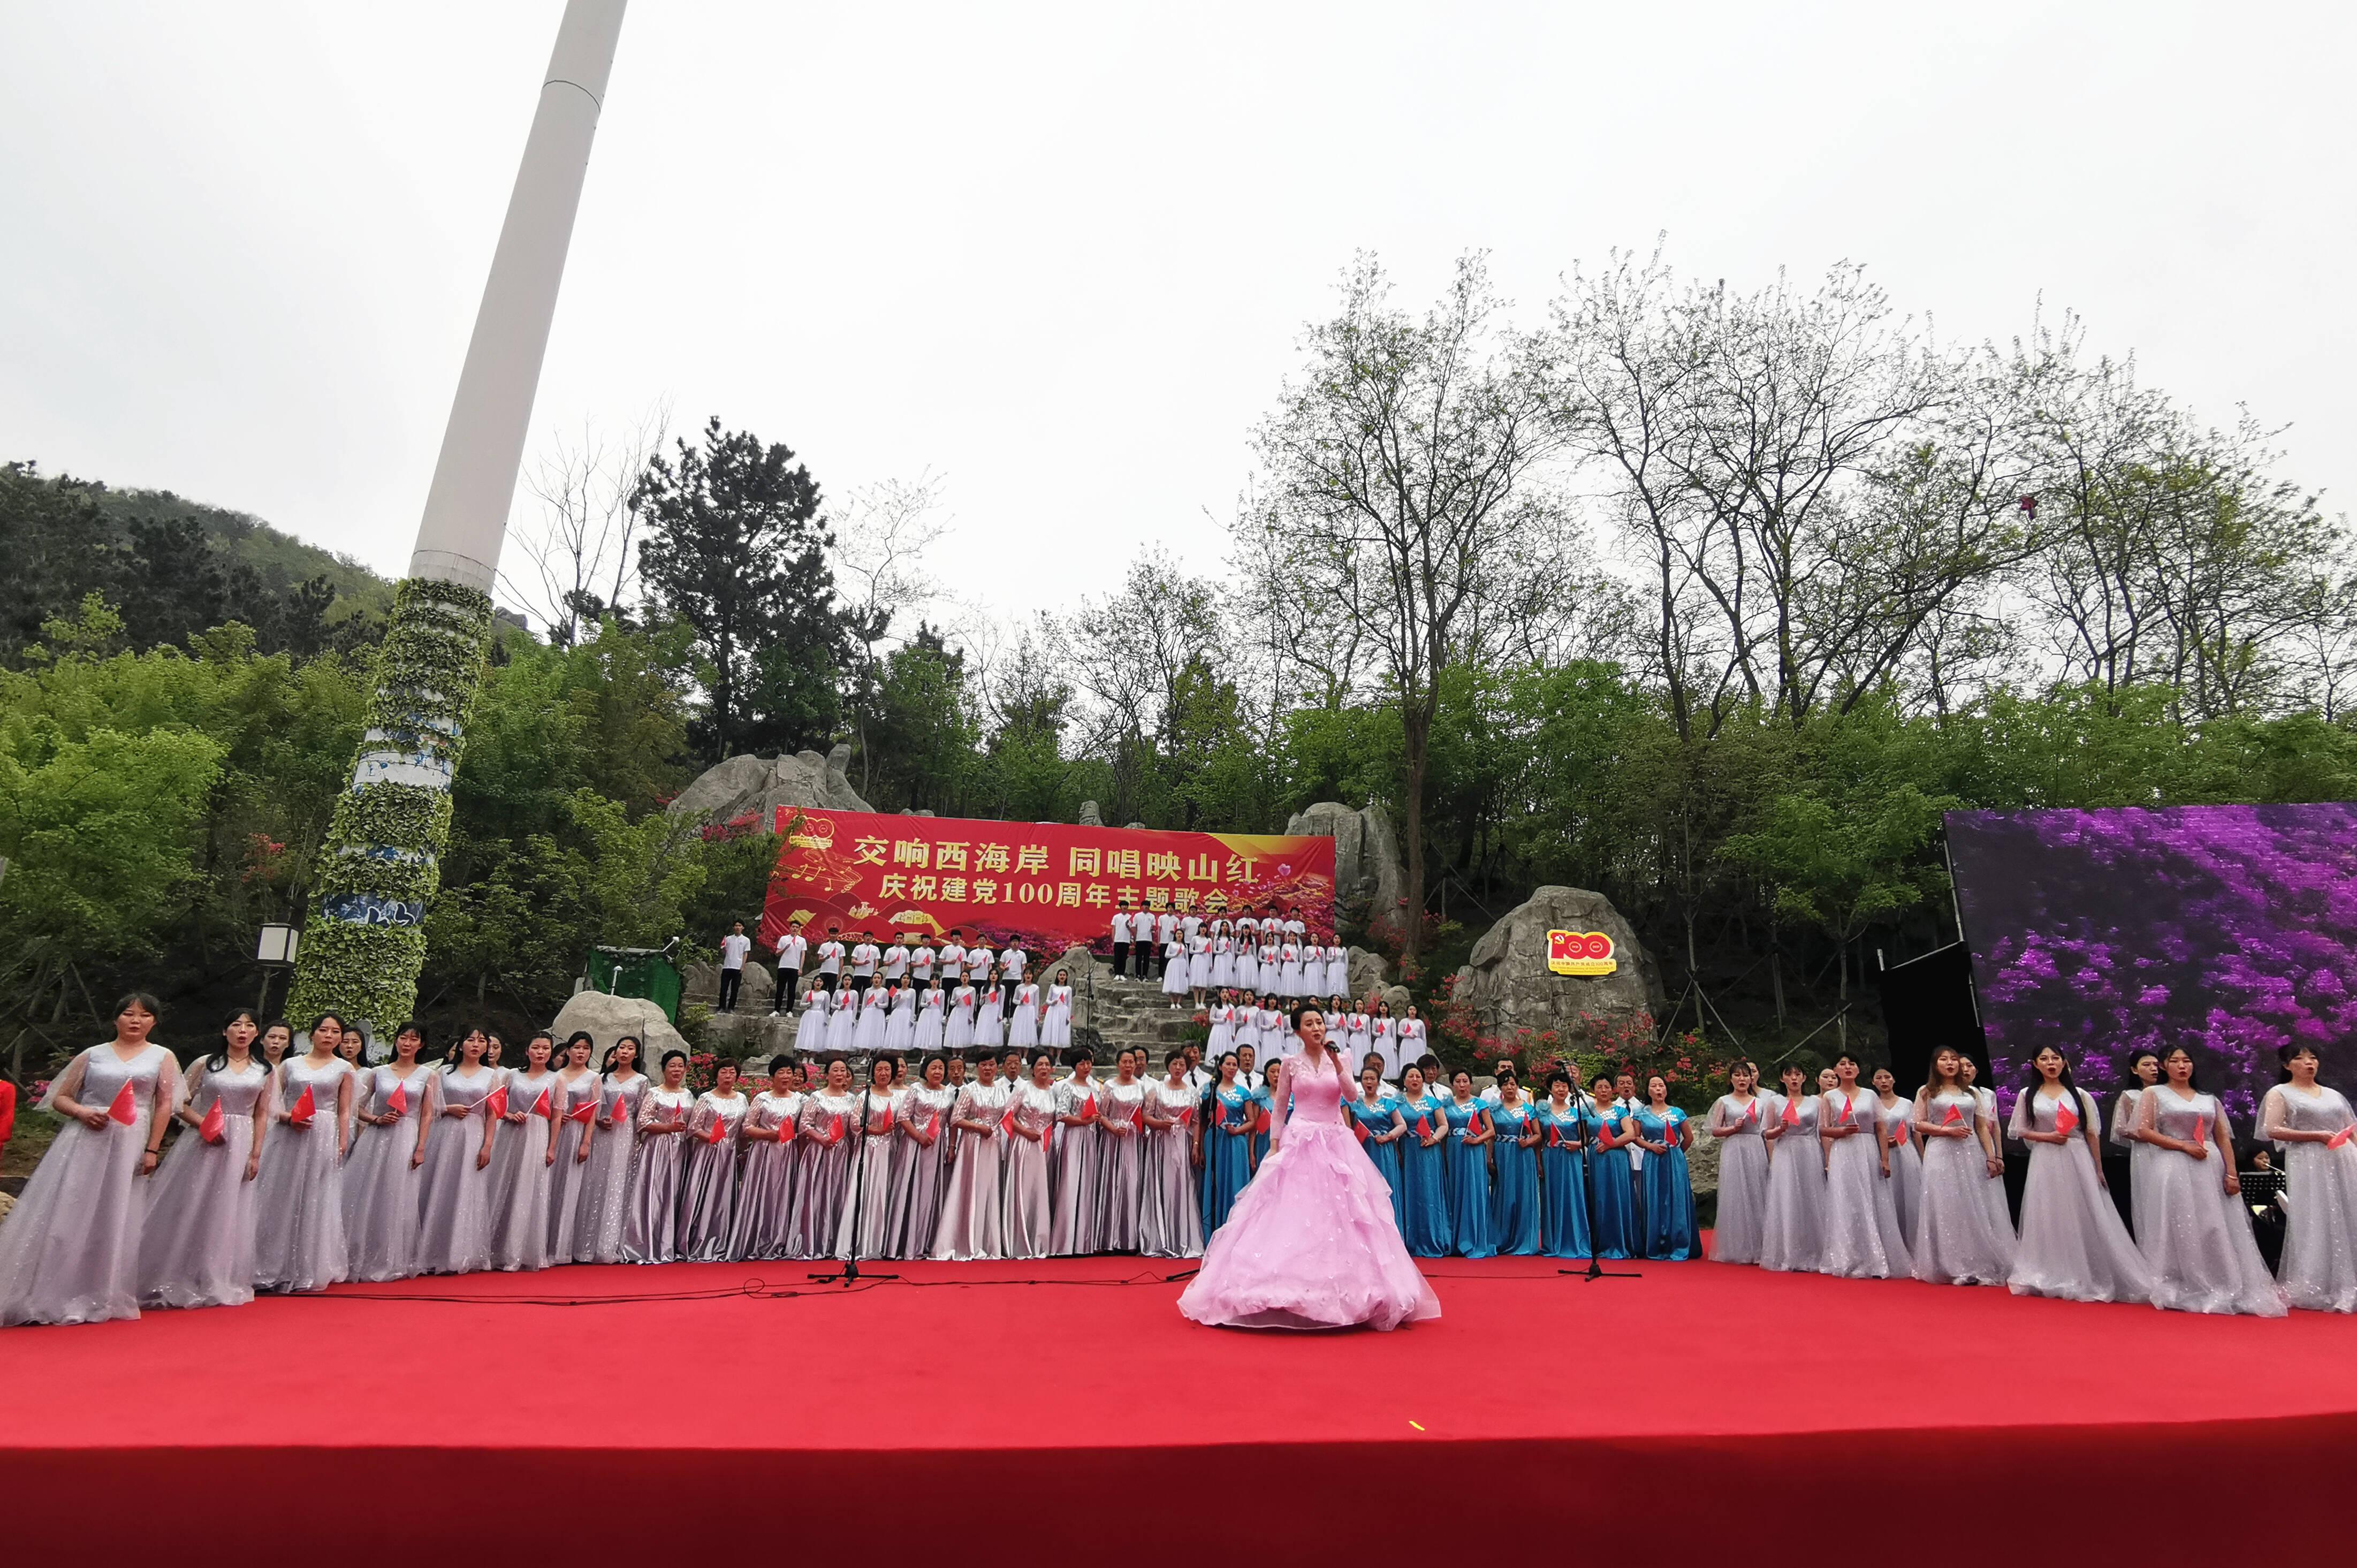 主题歌会上,同唱《映山红》。记者 李涛 摄